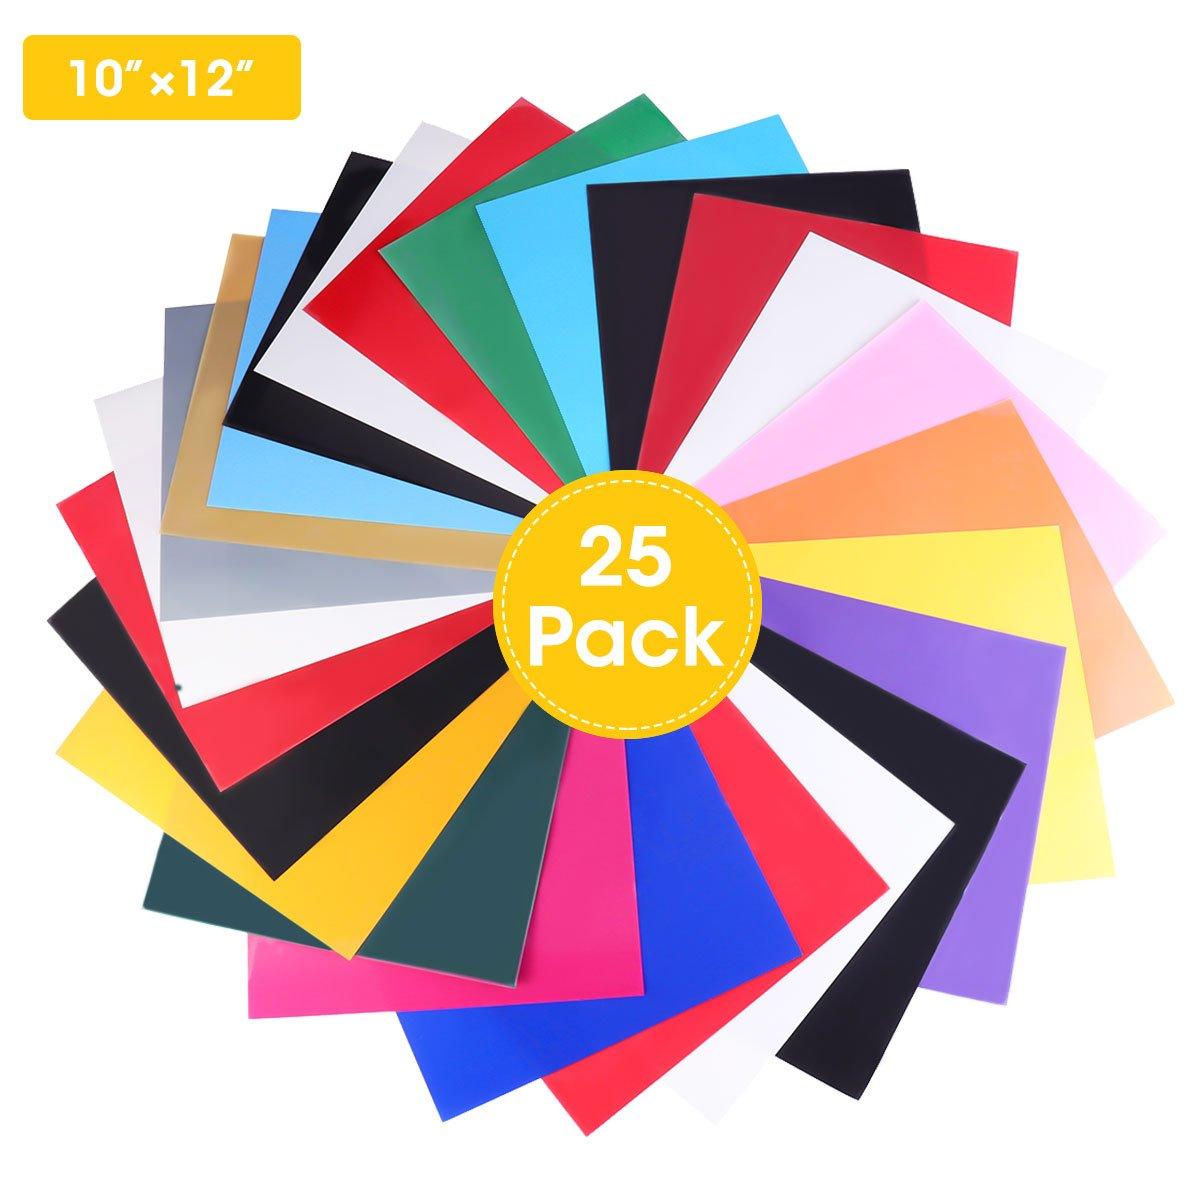 ARTISTORE PU Heat Transfer Vinyl, Wärmeübertragung Vinyl X 25 Pcs 16 Farben, Textilfolien Transferpapier für DIY T-Shirt, Cricut, Cameo 30x25cm Sieremin Chan Home_DE